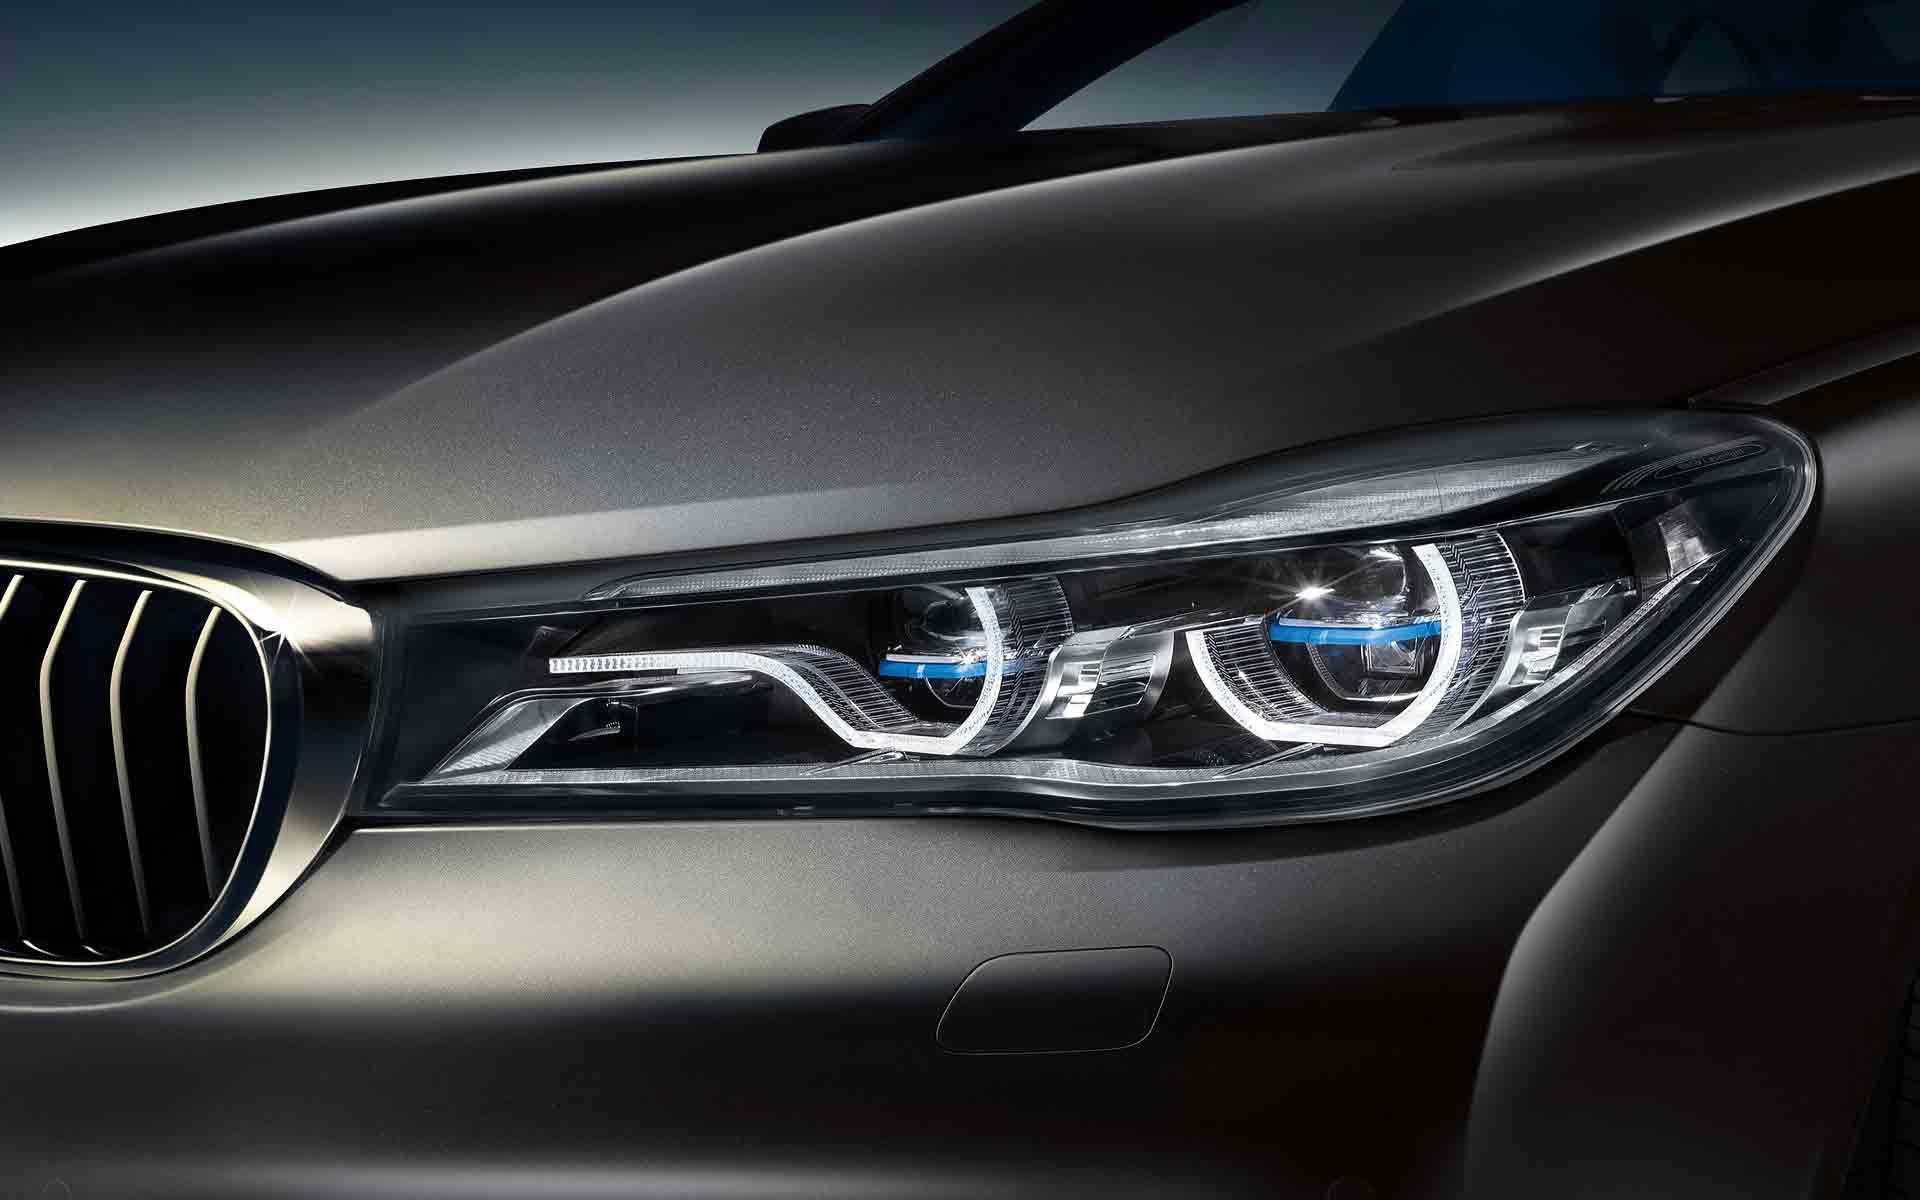 BMW 7 Series الفئة السابعة الاسعار و المواصفات الفنية